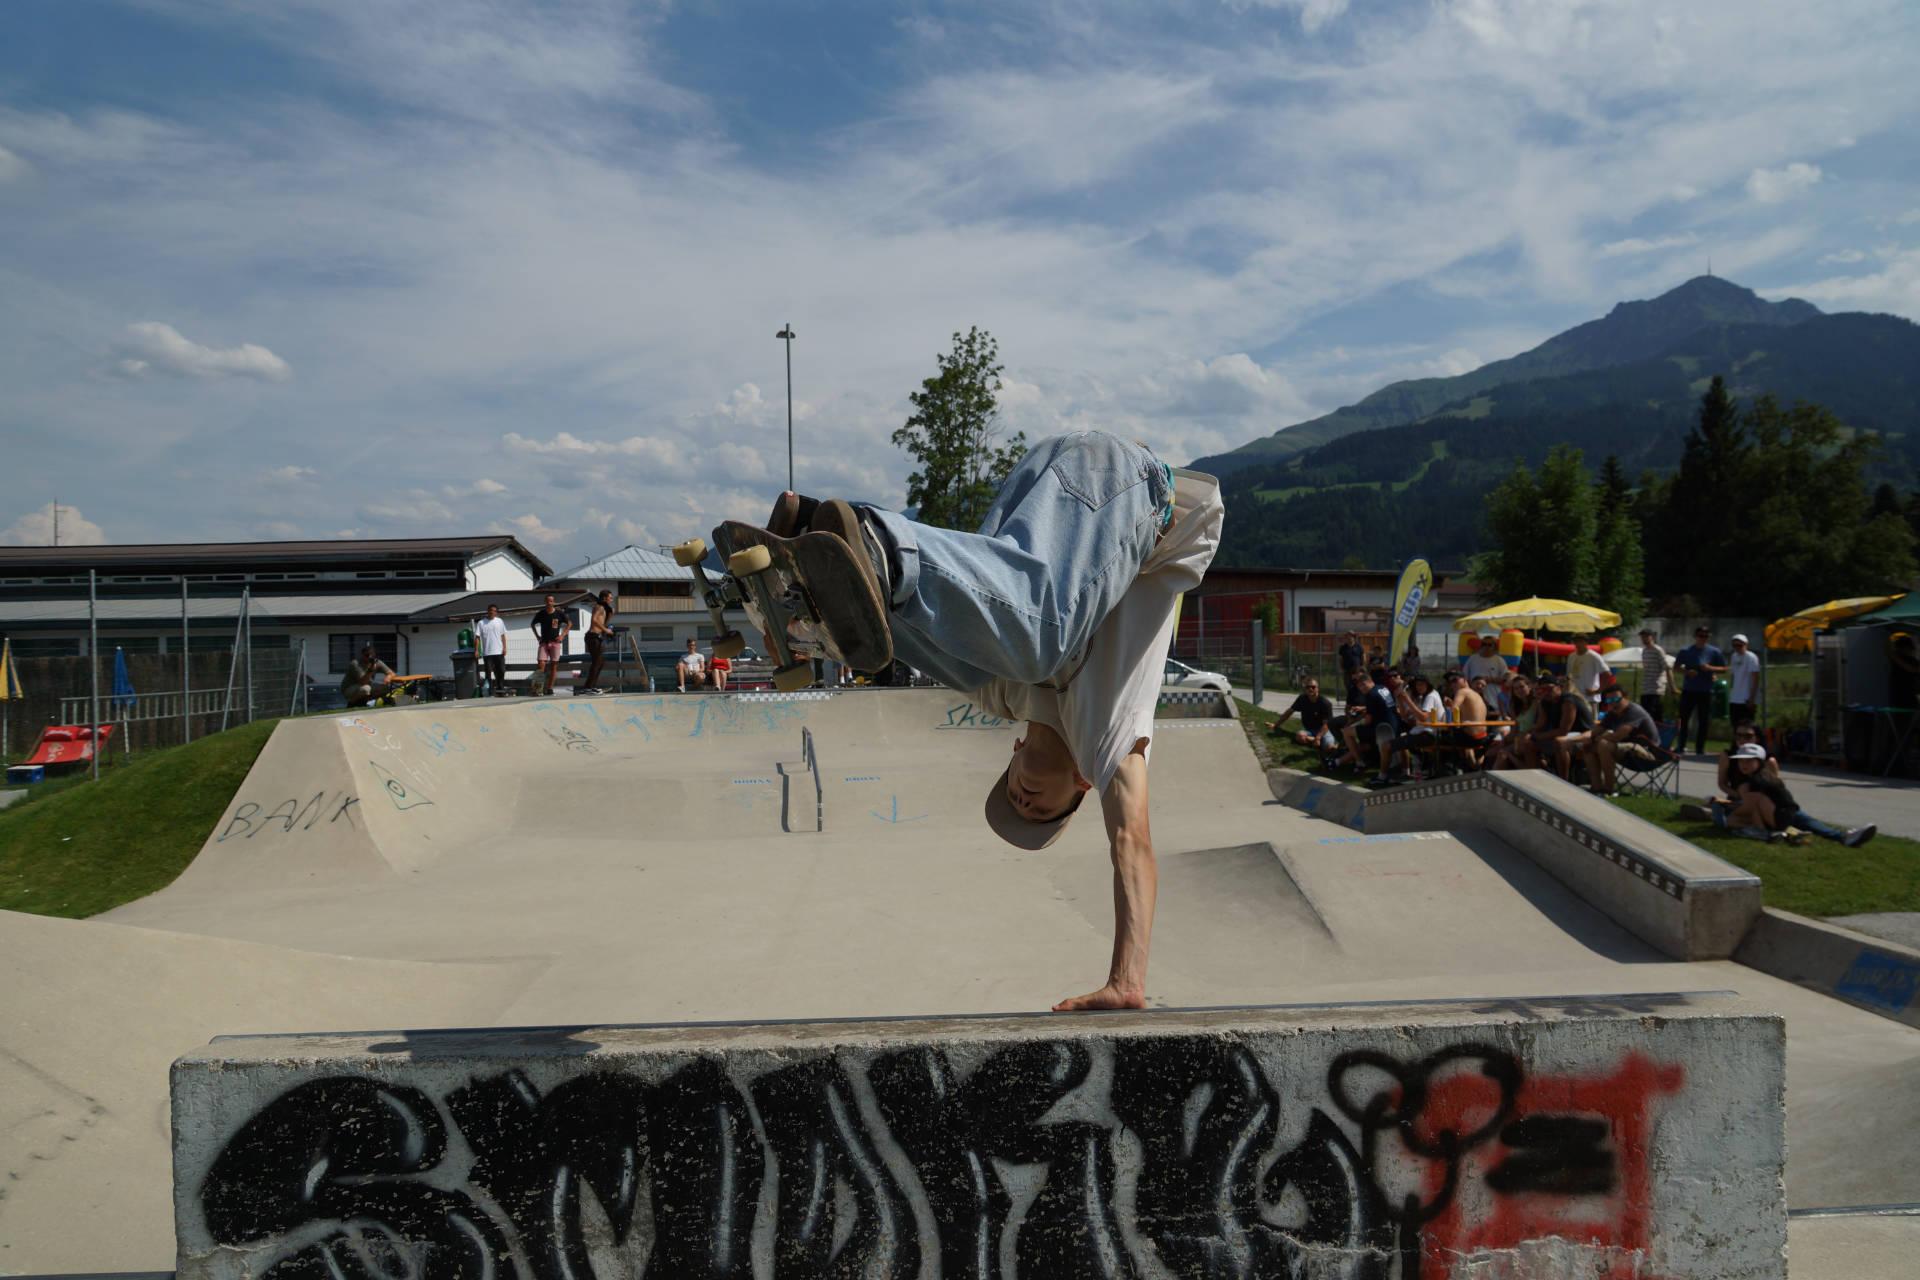 skateboardheadz st johann in tirol kgt 2019 finale 00039